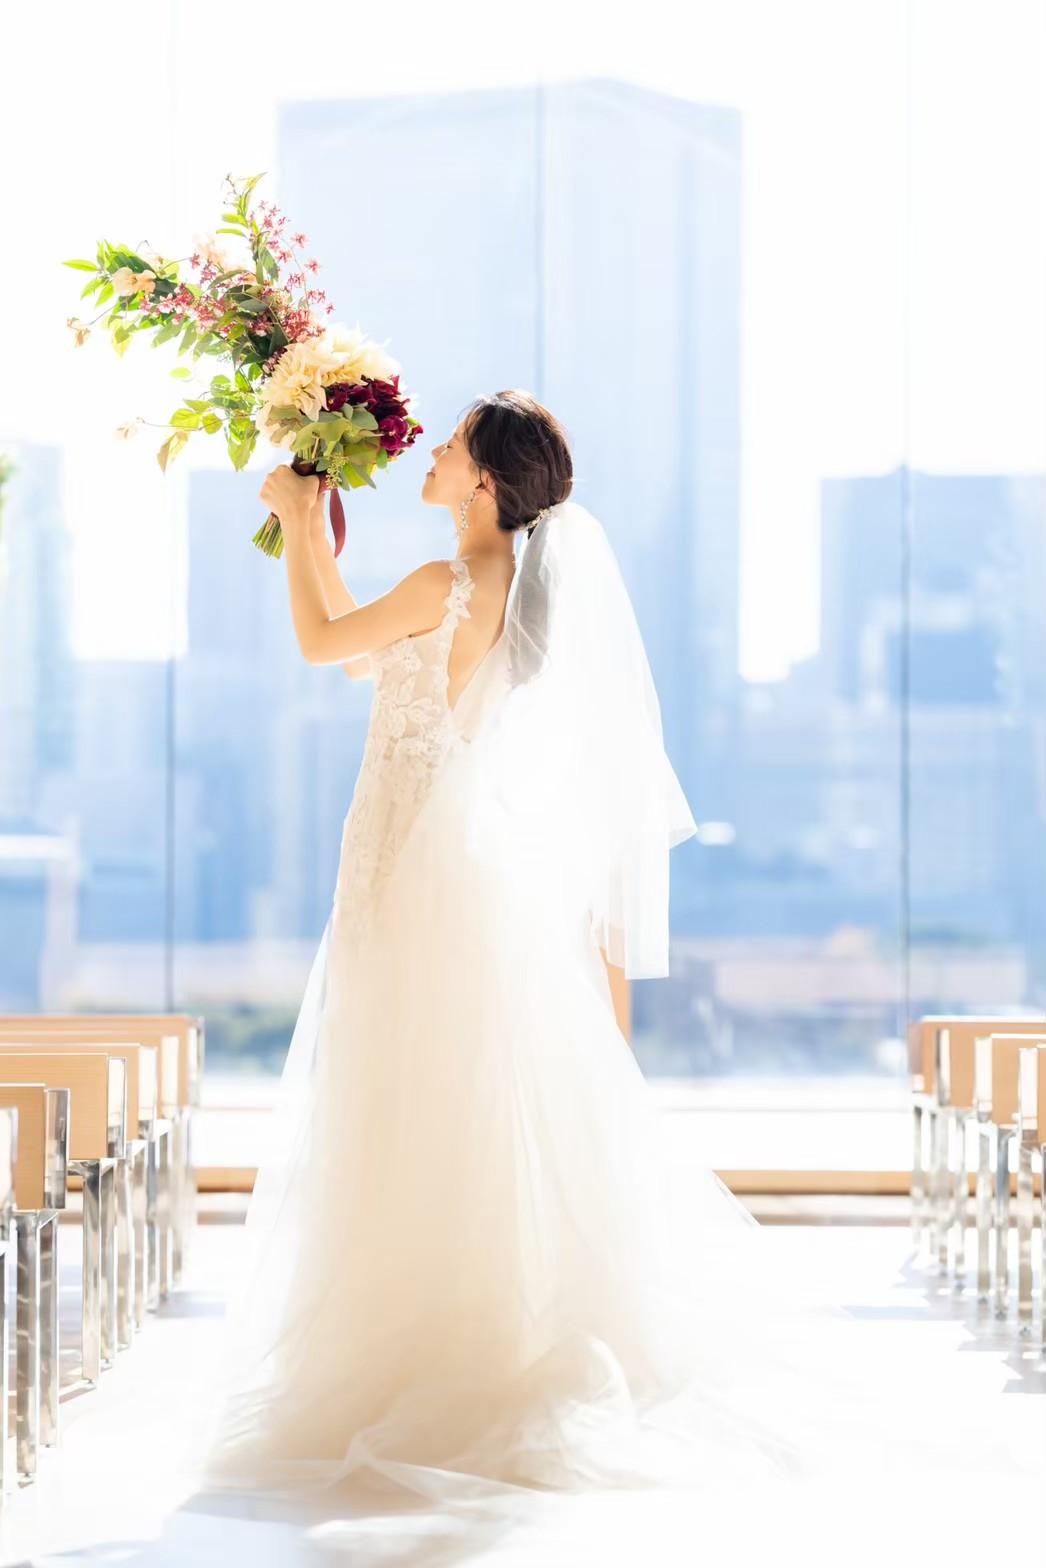 東京の人気結婚式会場パレスホテル東京では、開放的なチャペルでの前撮りがおすすめです